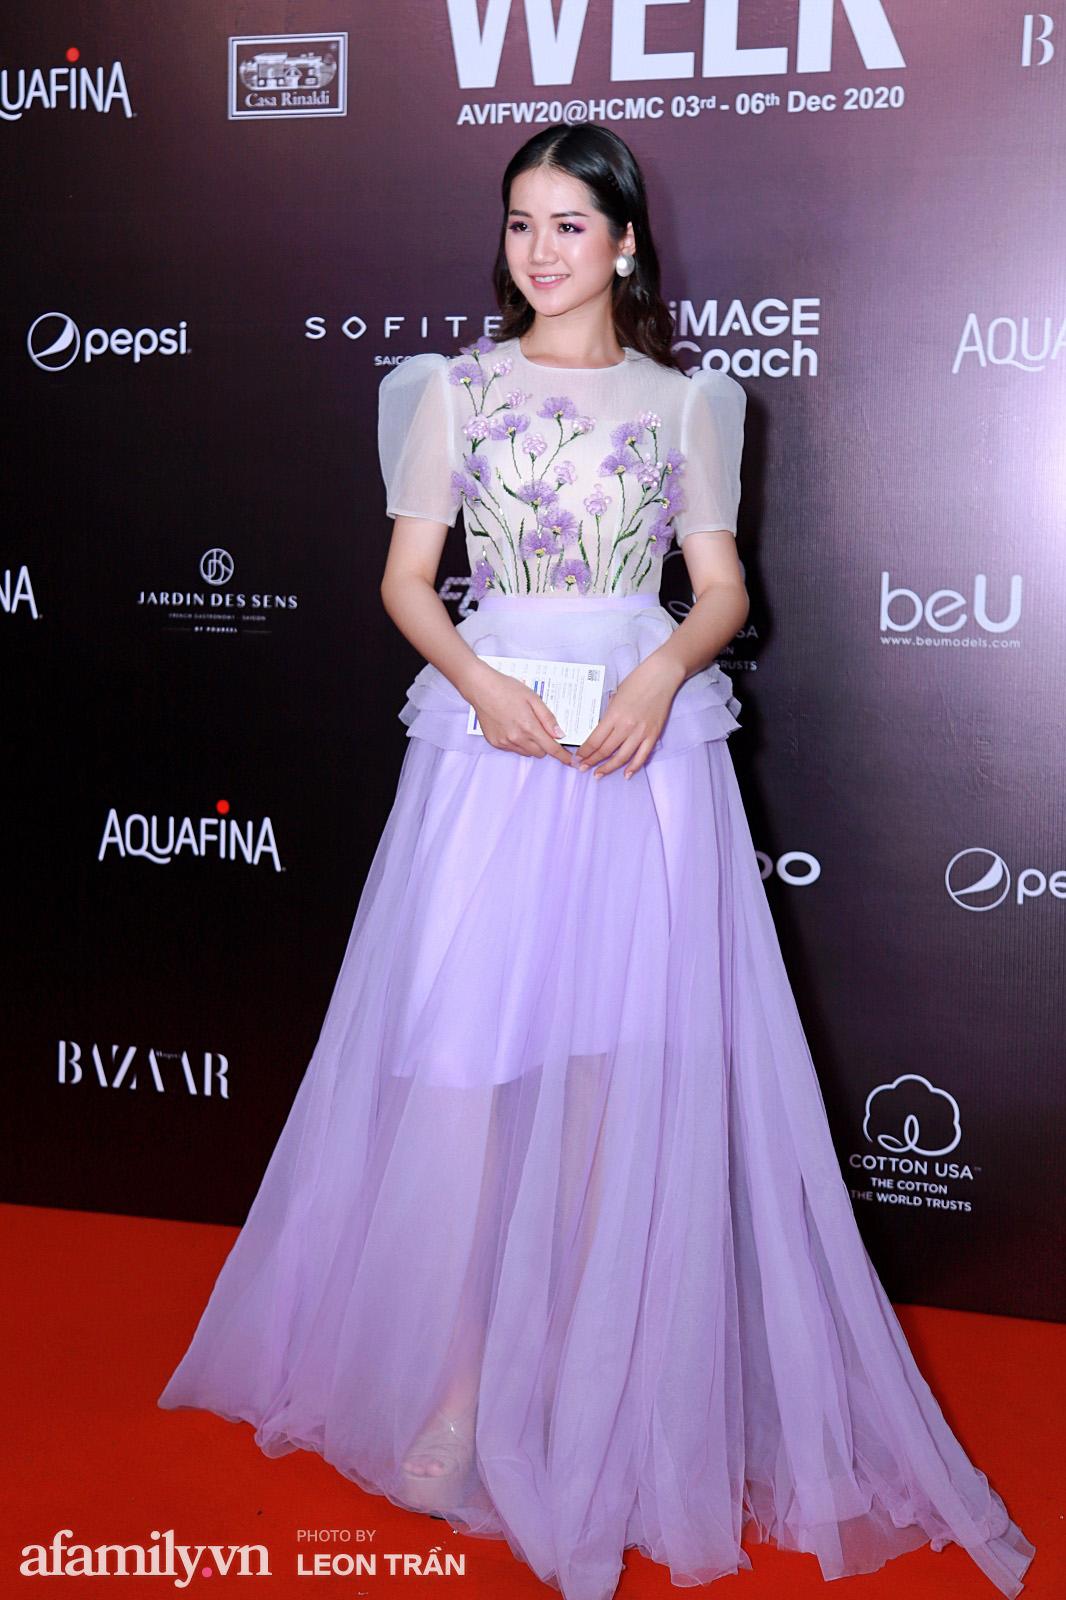 Thảm đỏ Aquafina Vietnam International Fashion Week 2020 ngày 3: Nhã Phương trẻ xinh trong bộ ren trắng, Diệu Nhi nhìn khác lạ trong bộ áo dài cách tân  - Ảnh 11.